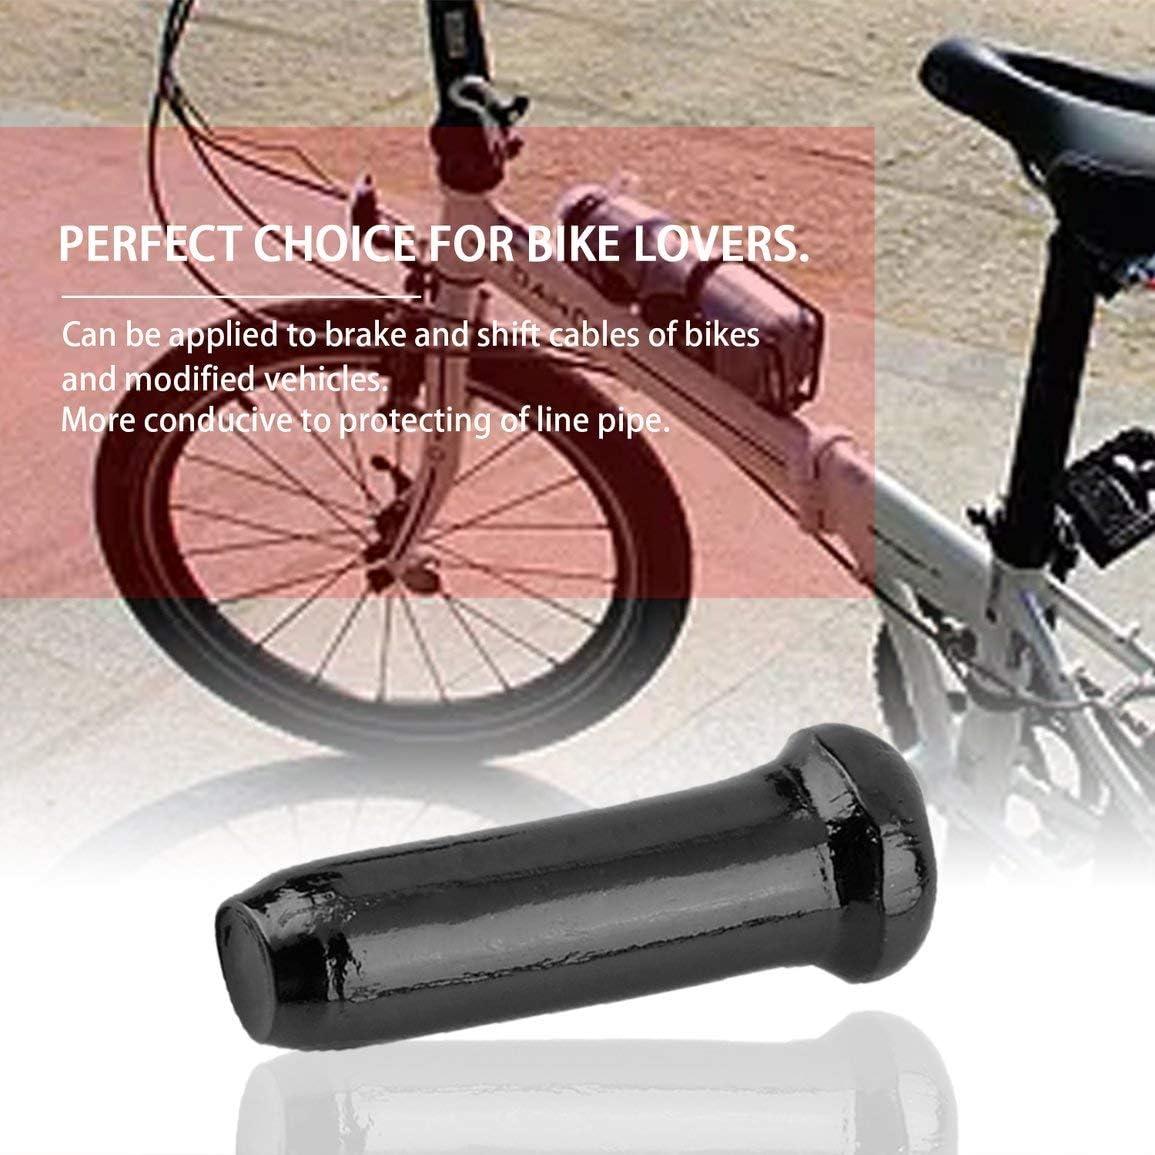 Durable Alliage Daluminium V/élo Frein Ligne Cap 30 PCS V/élo D/érailleur C/âble Embout Universel V/élo Accessoires